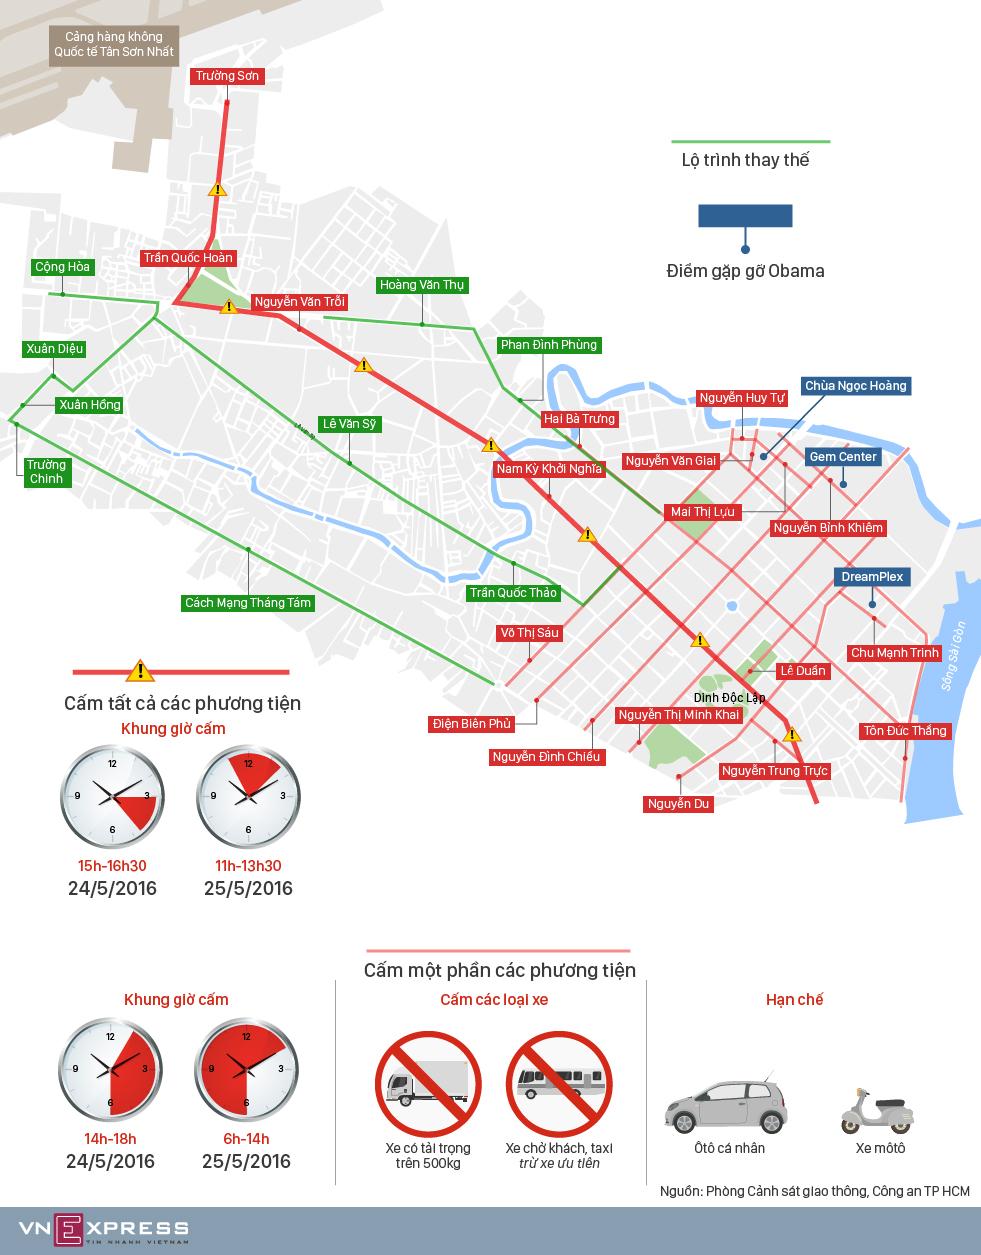 TPHCM cấm nhiều đường phố khi đón Tổng thống Mỹ Obama